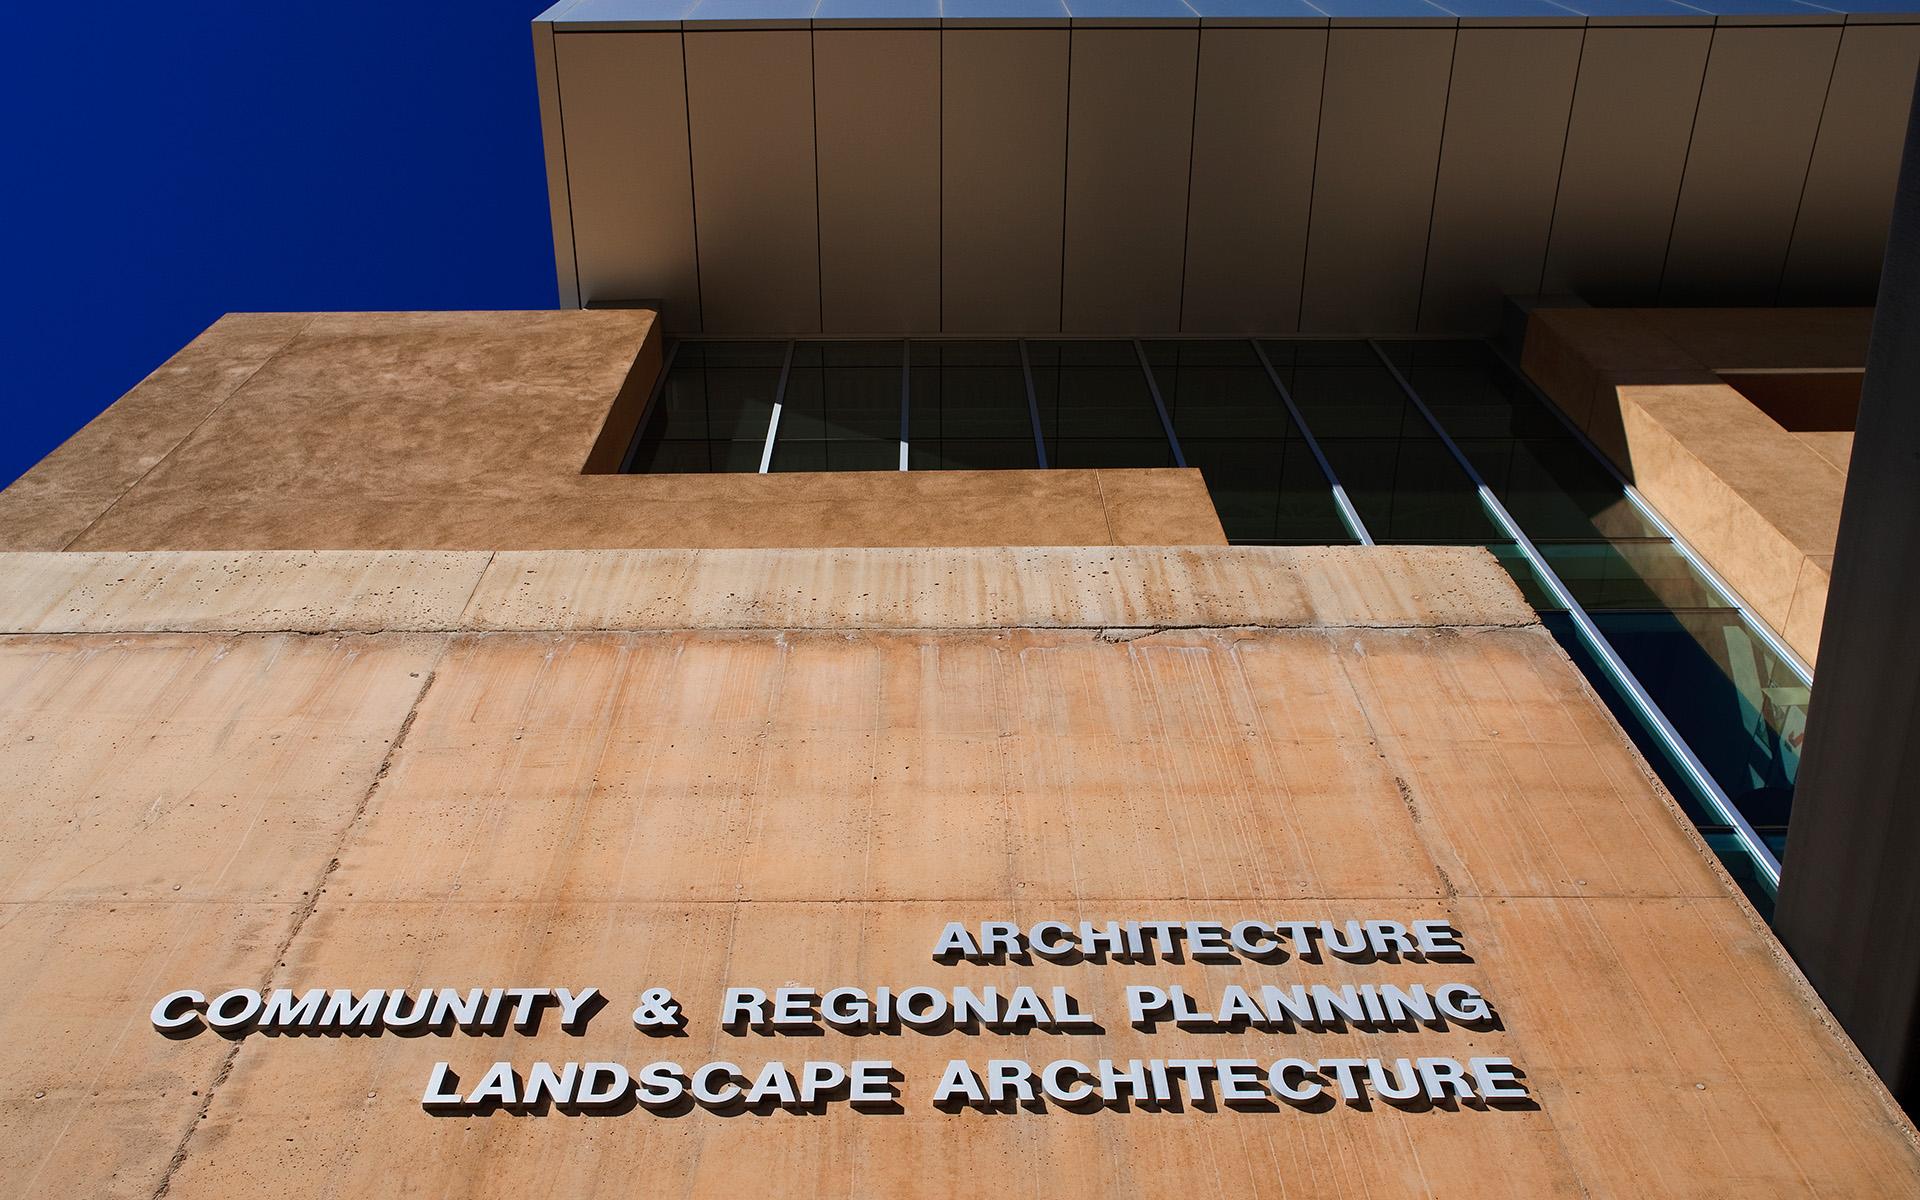 UNM School of Architecture